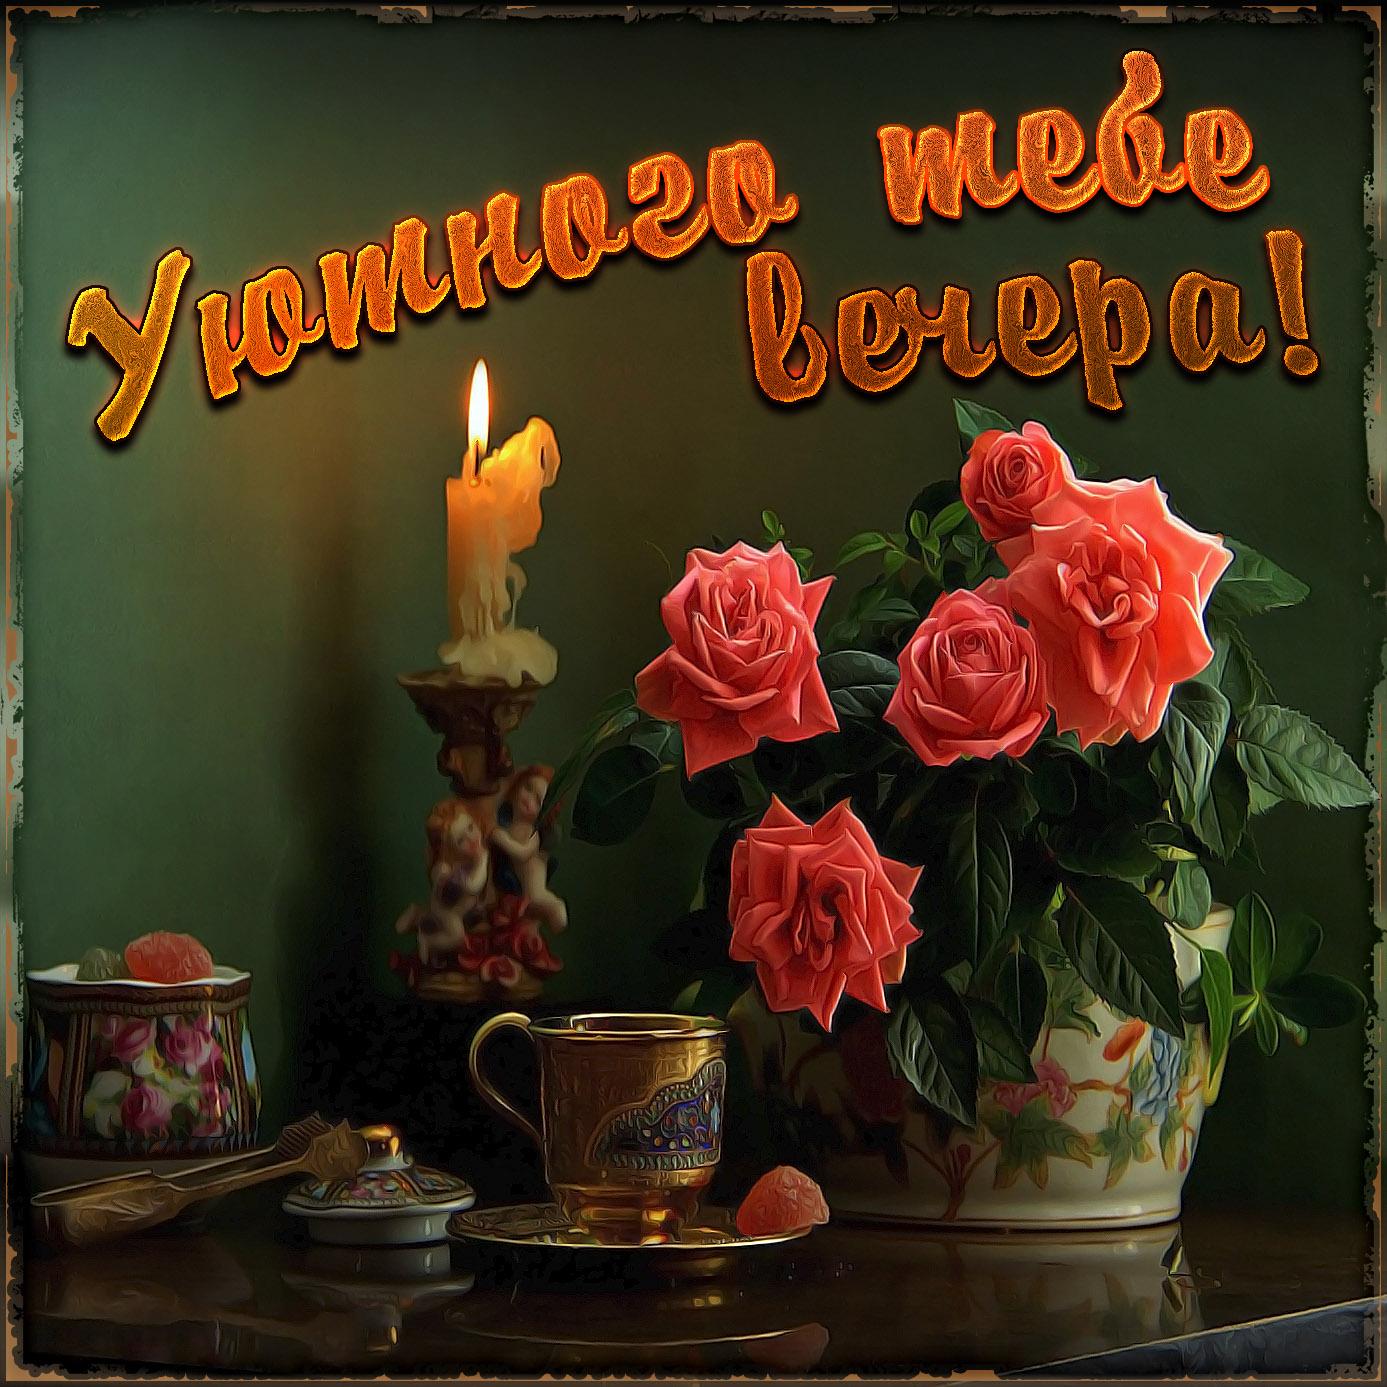 открытки доброго вечера вам хорошего настроения красивые цветы после пластики